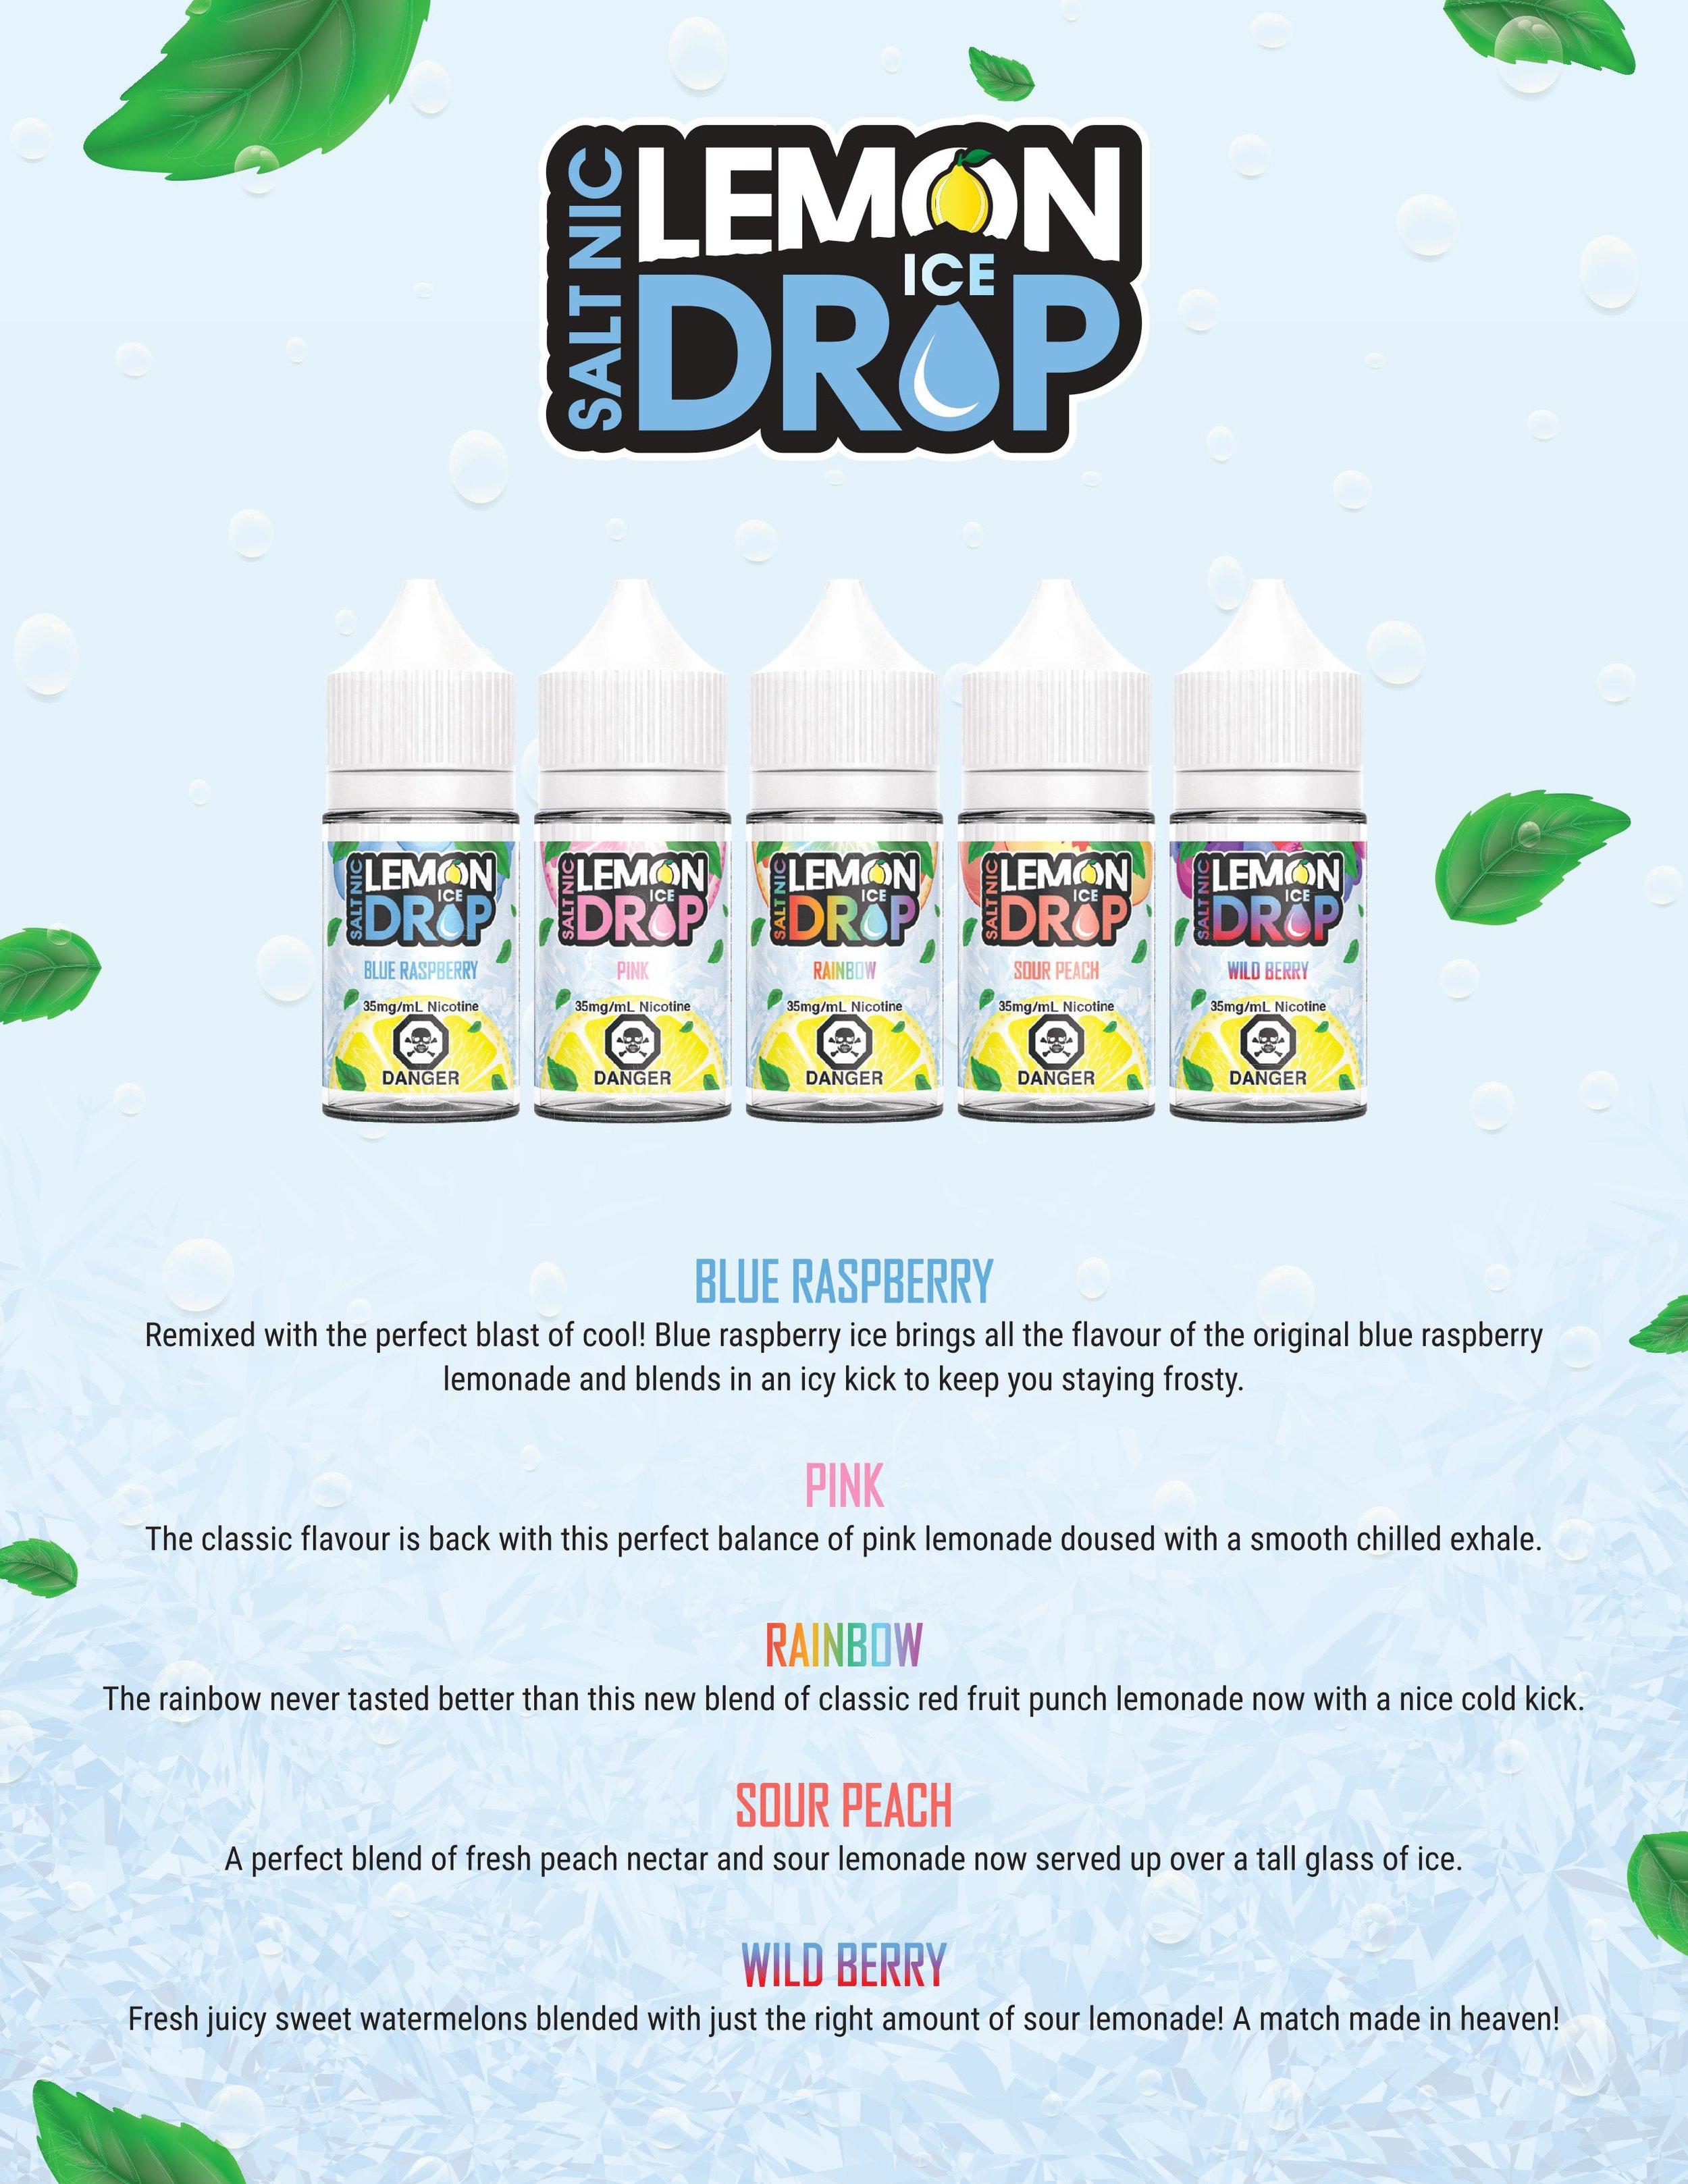 LEMON DROP ICE2.jpg